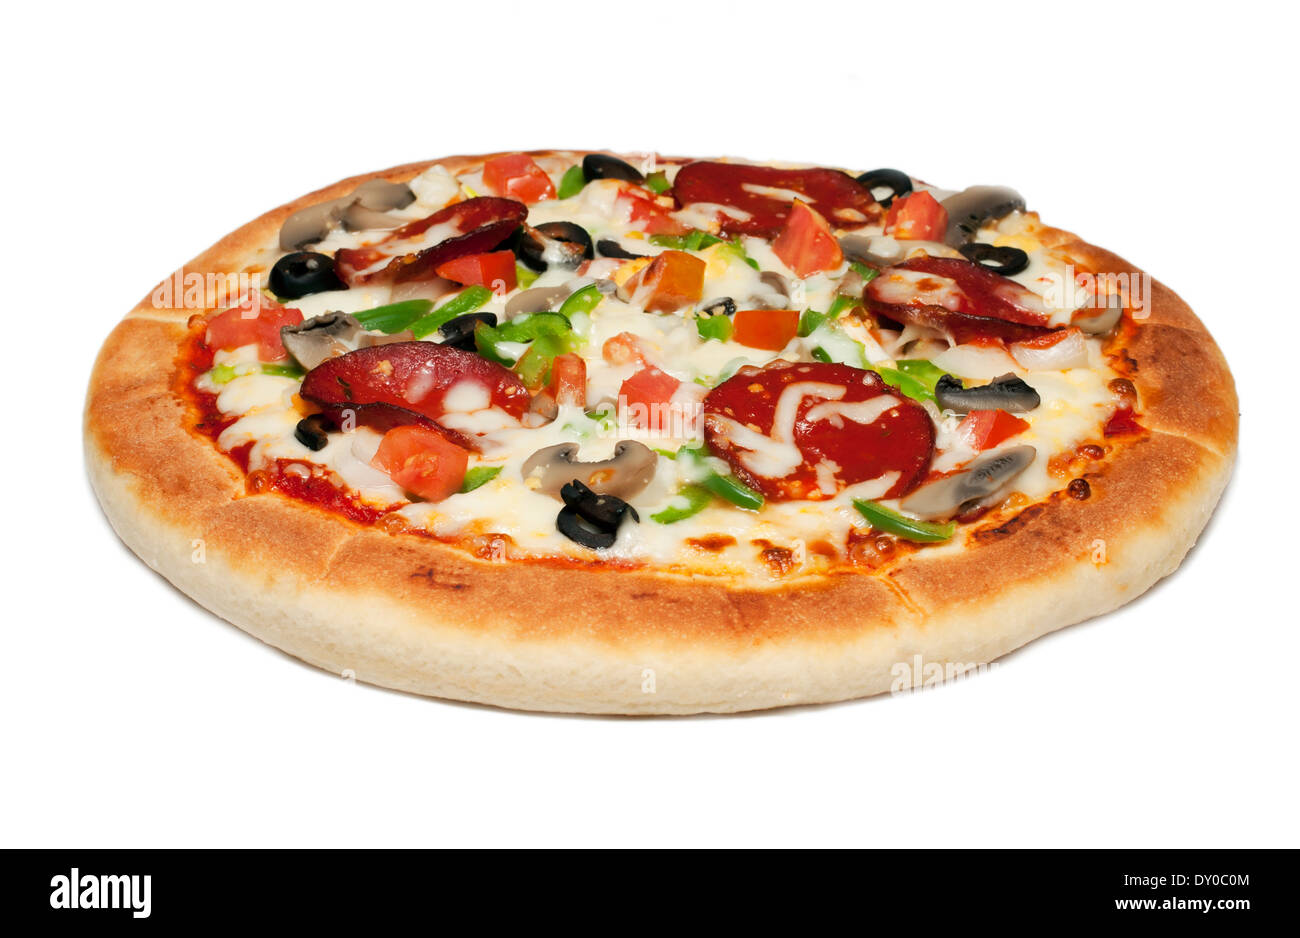 Caliente y picante italiano Pizza de pollo tikka en una placa. Imagen de fondo de estudio aislado en blanco. Imagen De Stock